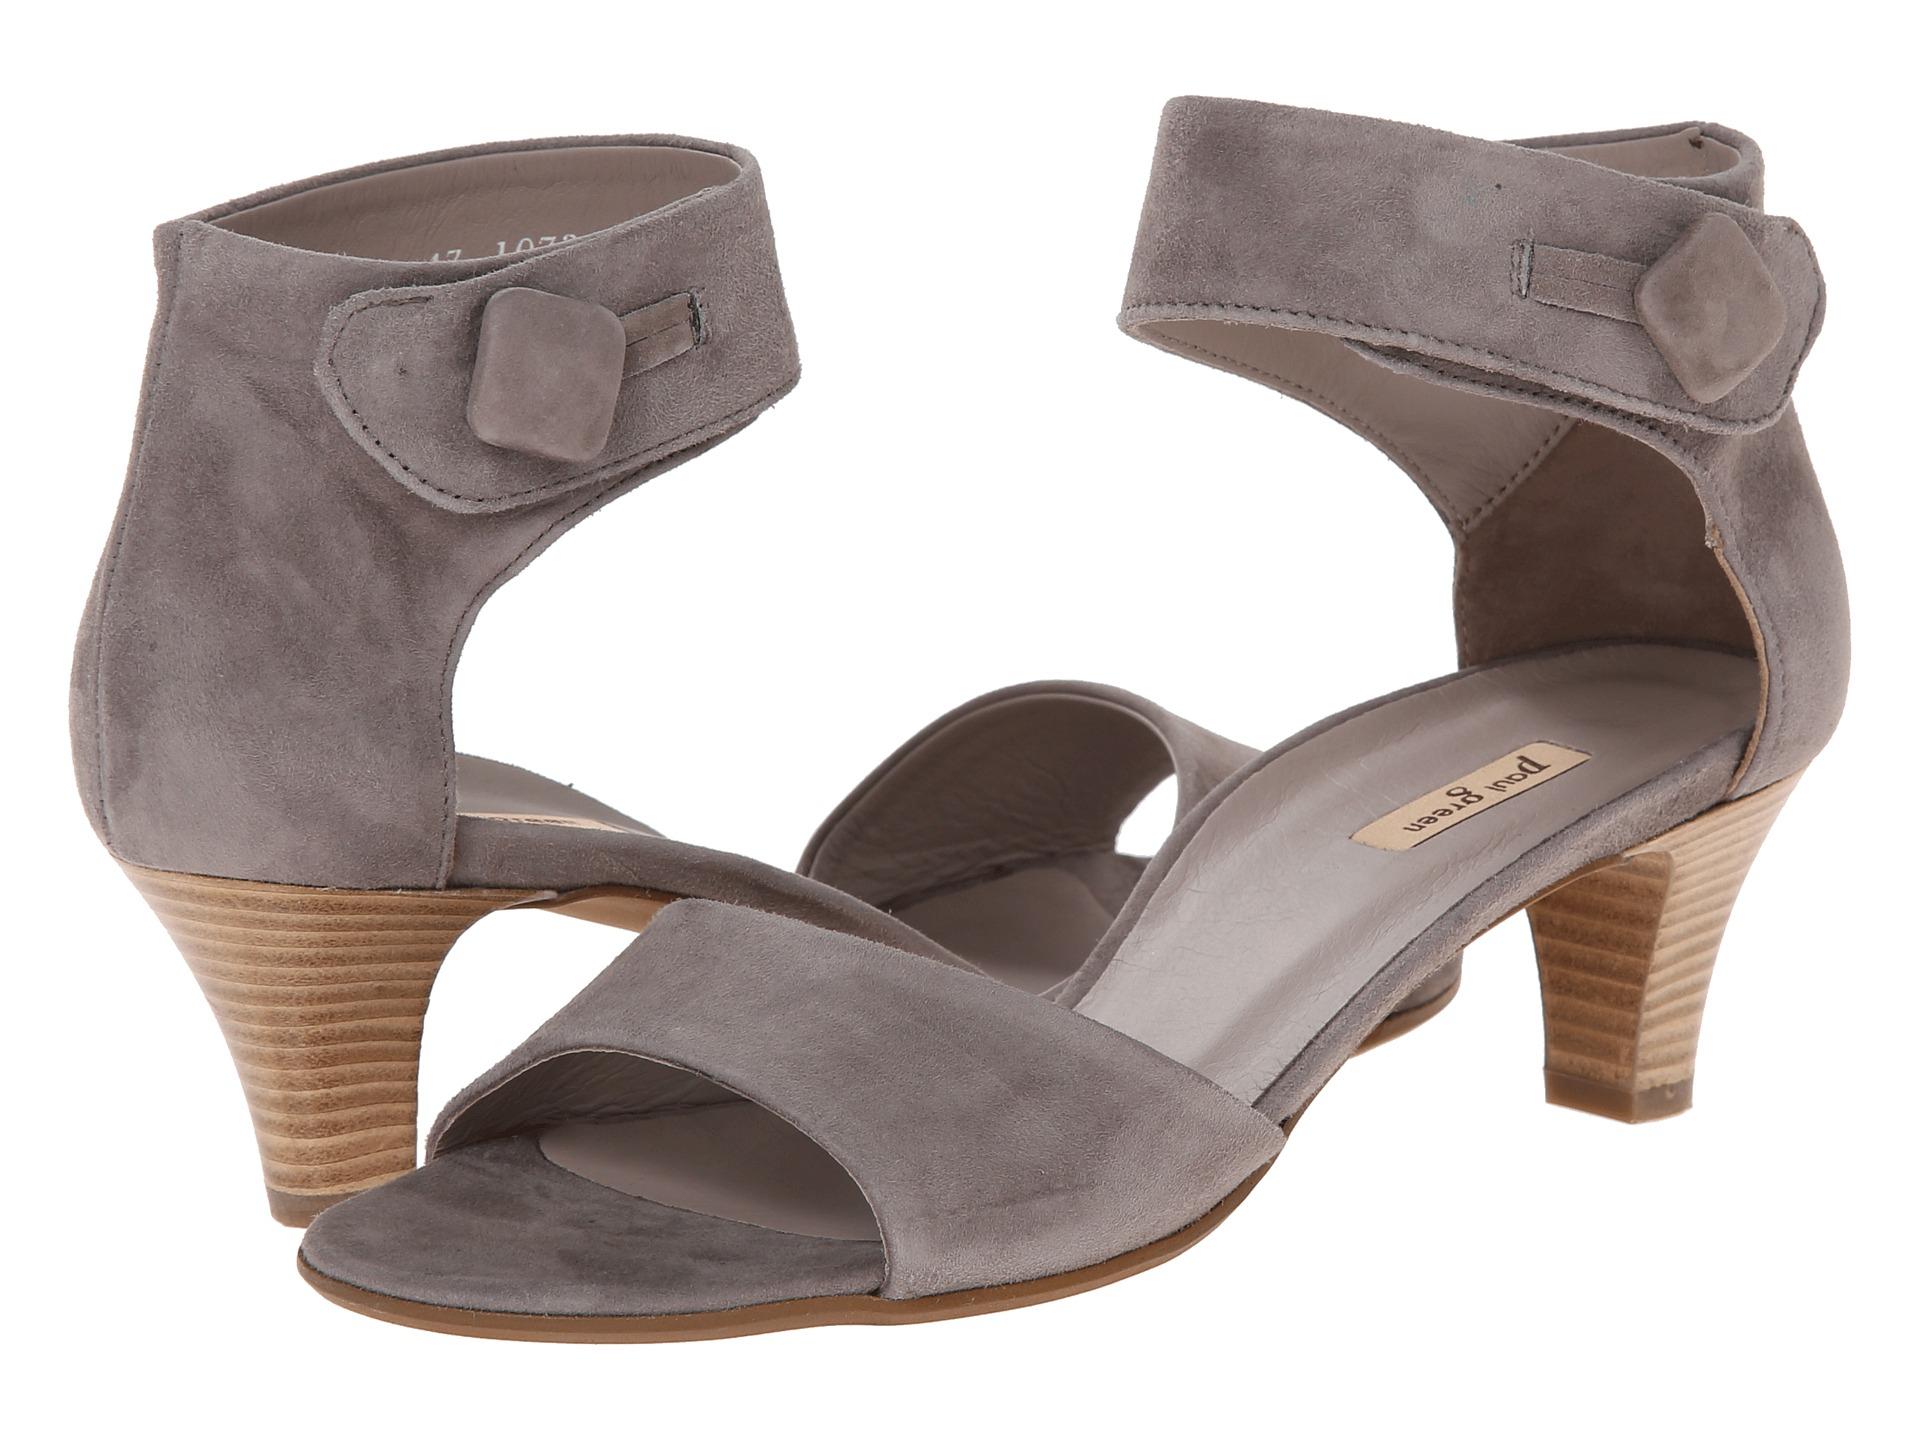 Paul Green Shoe Sizes